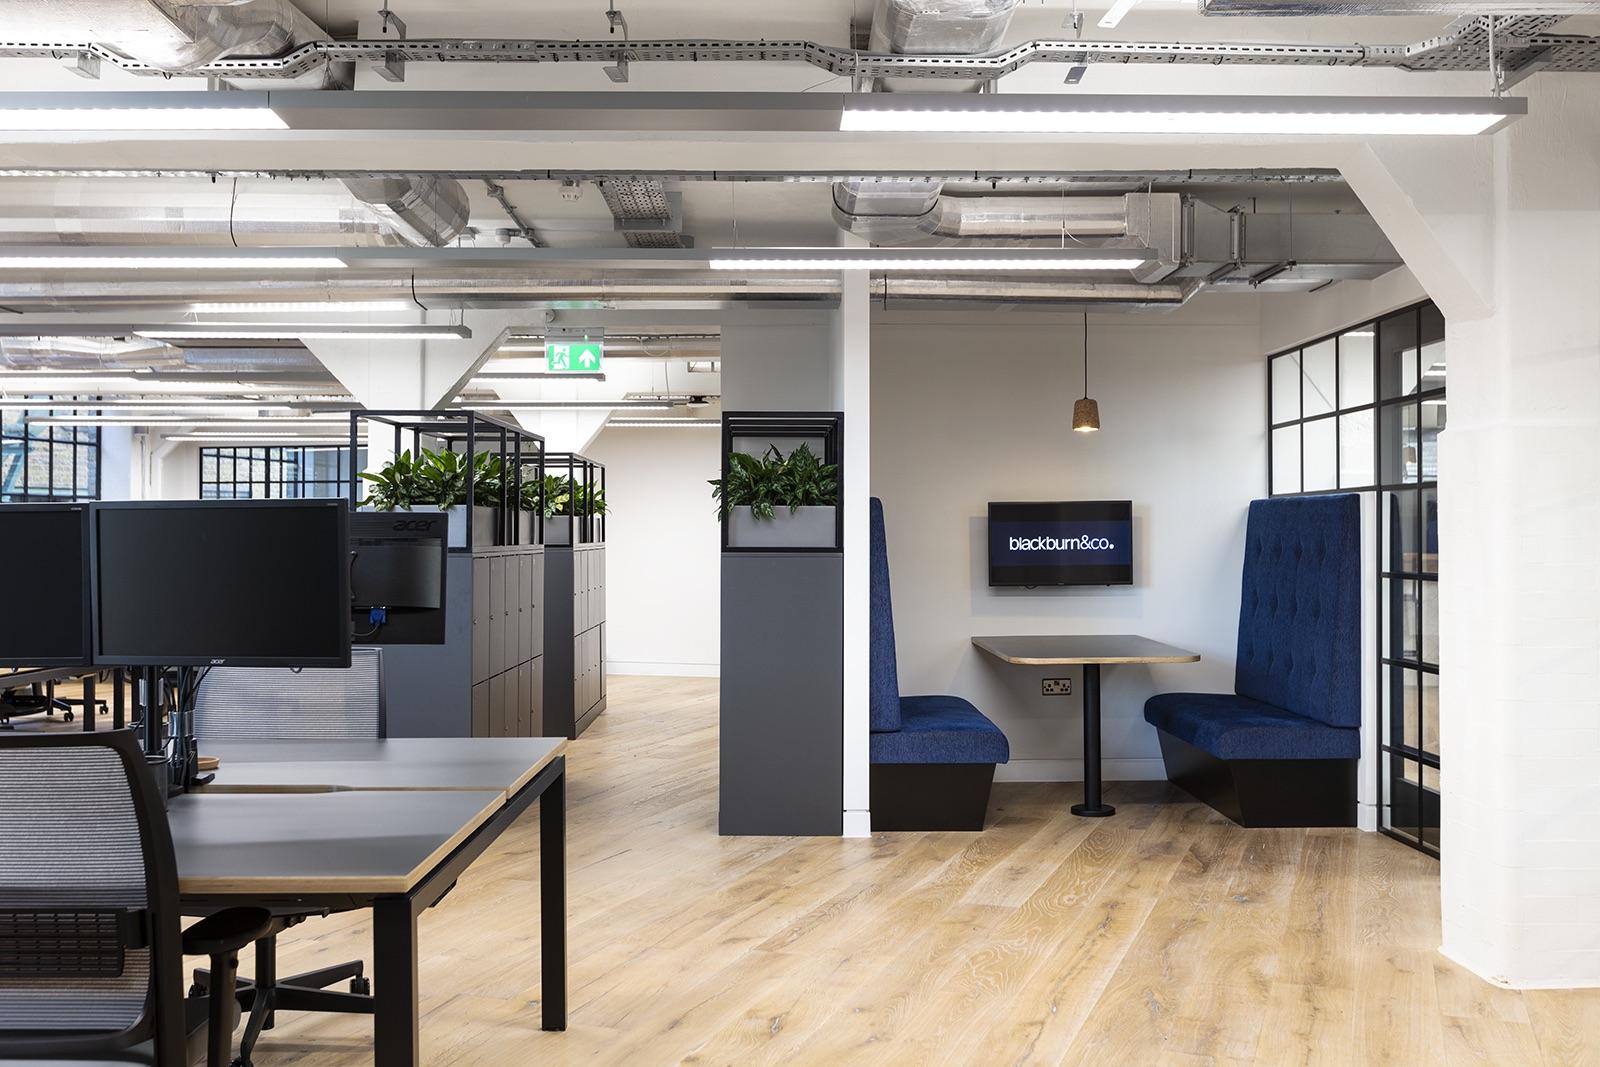 blackburn-co-office-7